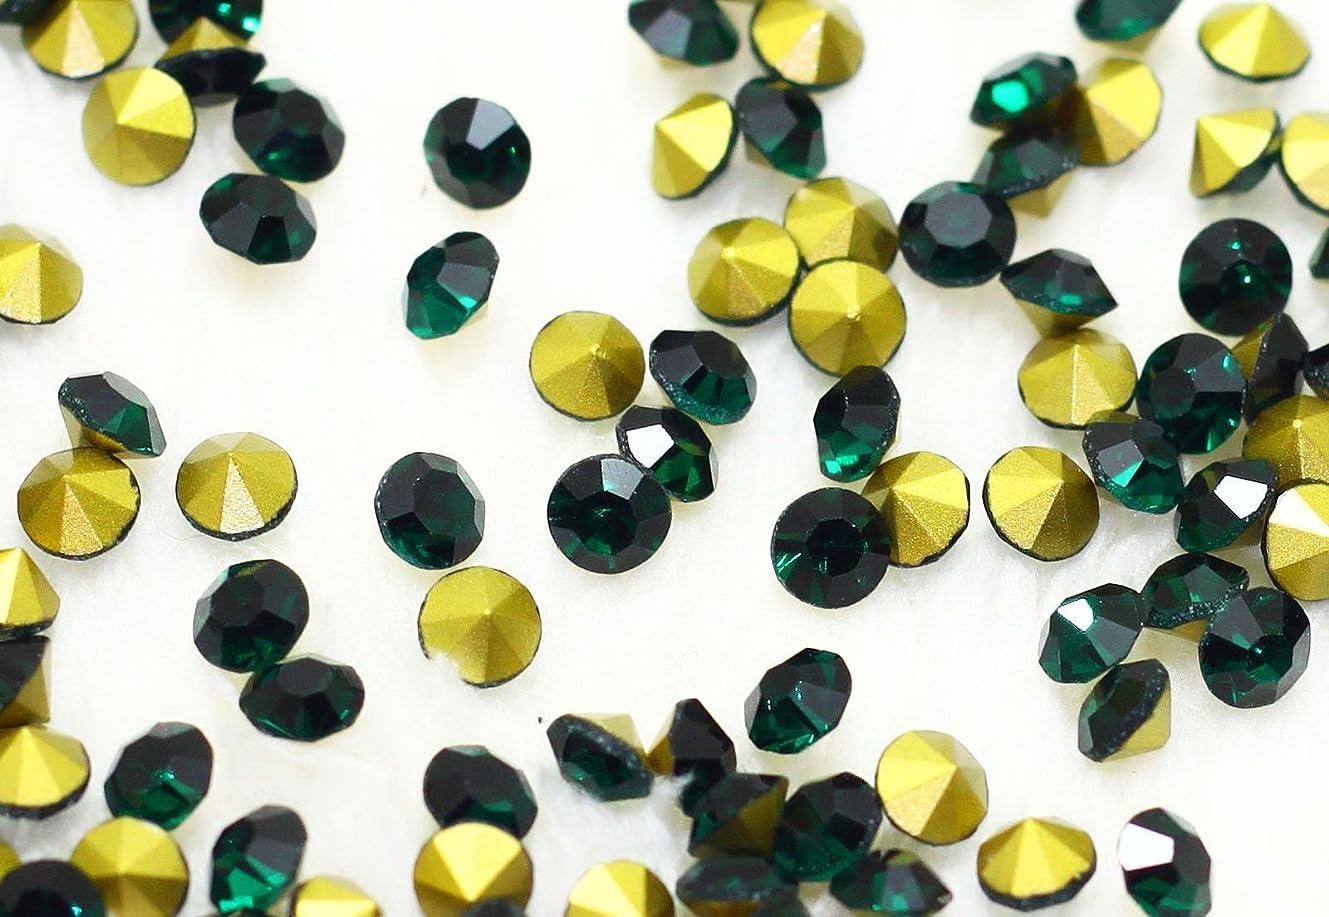 モロニック殺人者宣言するガラス製 Vカットストーン(埋込型)emerald エメラルド 各サイズ選択可能 (4.0mm (SS16) 約1440粒) [並行輸入品]